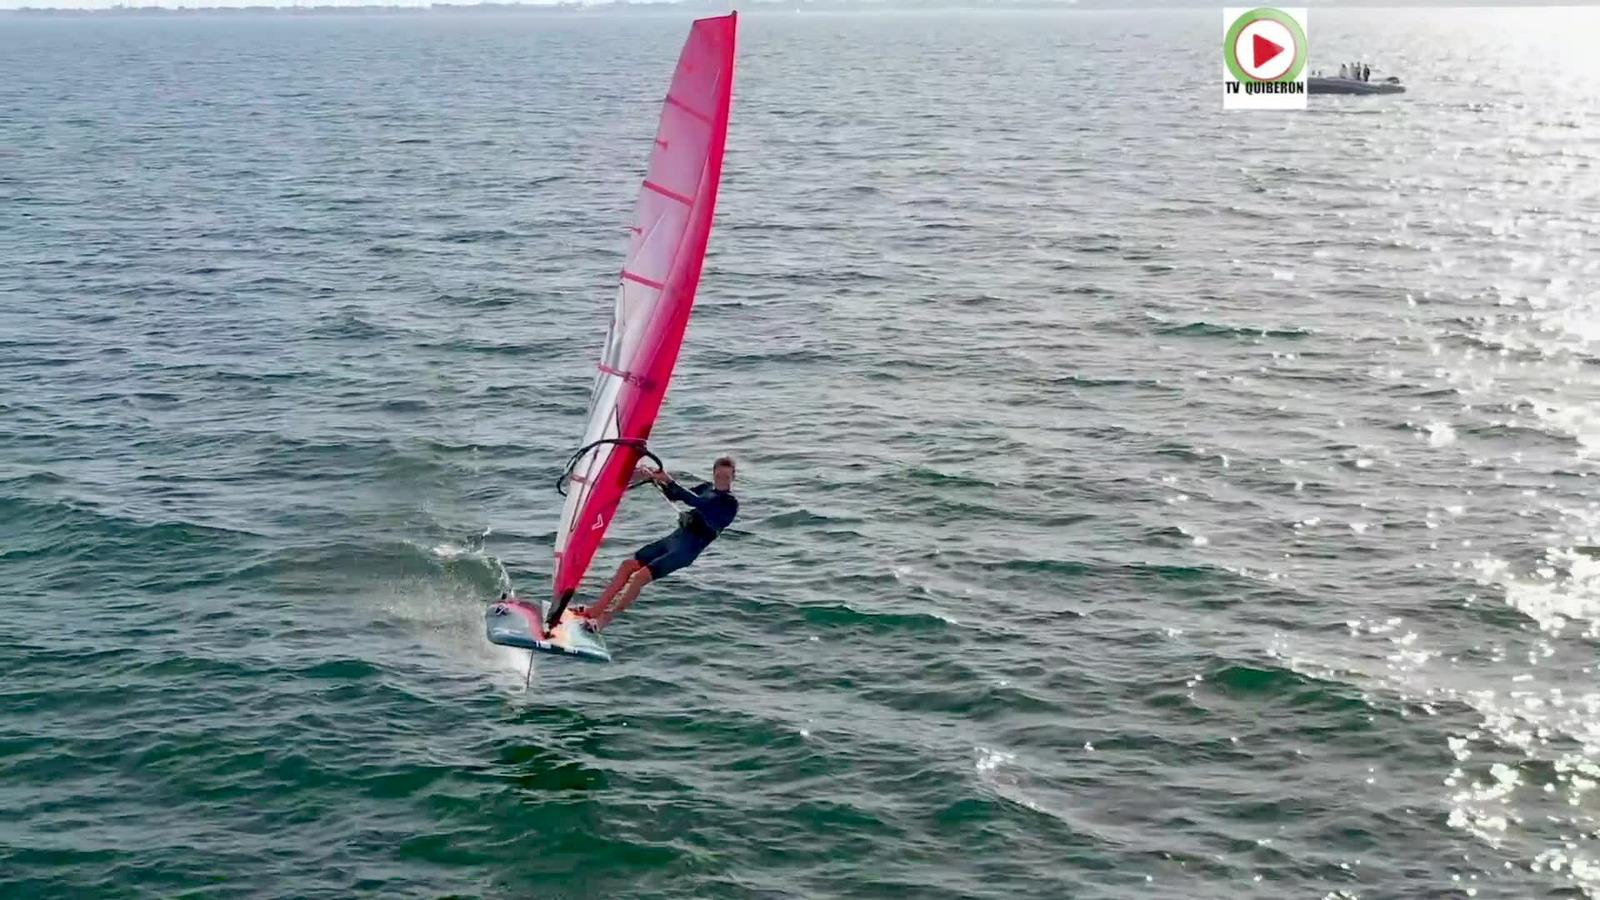 Video Windsurf Iqfoil Louis Giard Roi De La Baie Tv Quiberon 24 7